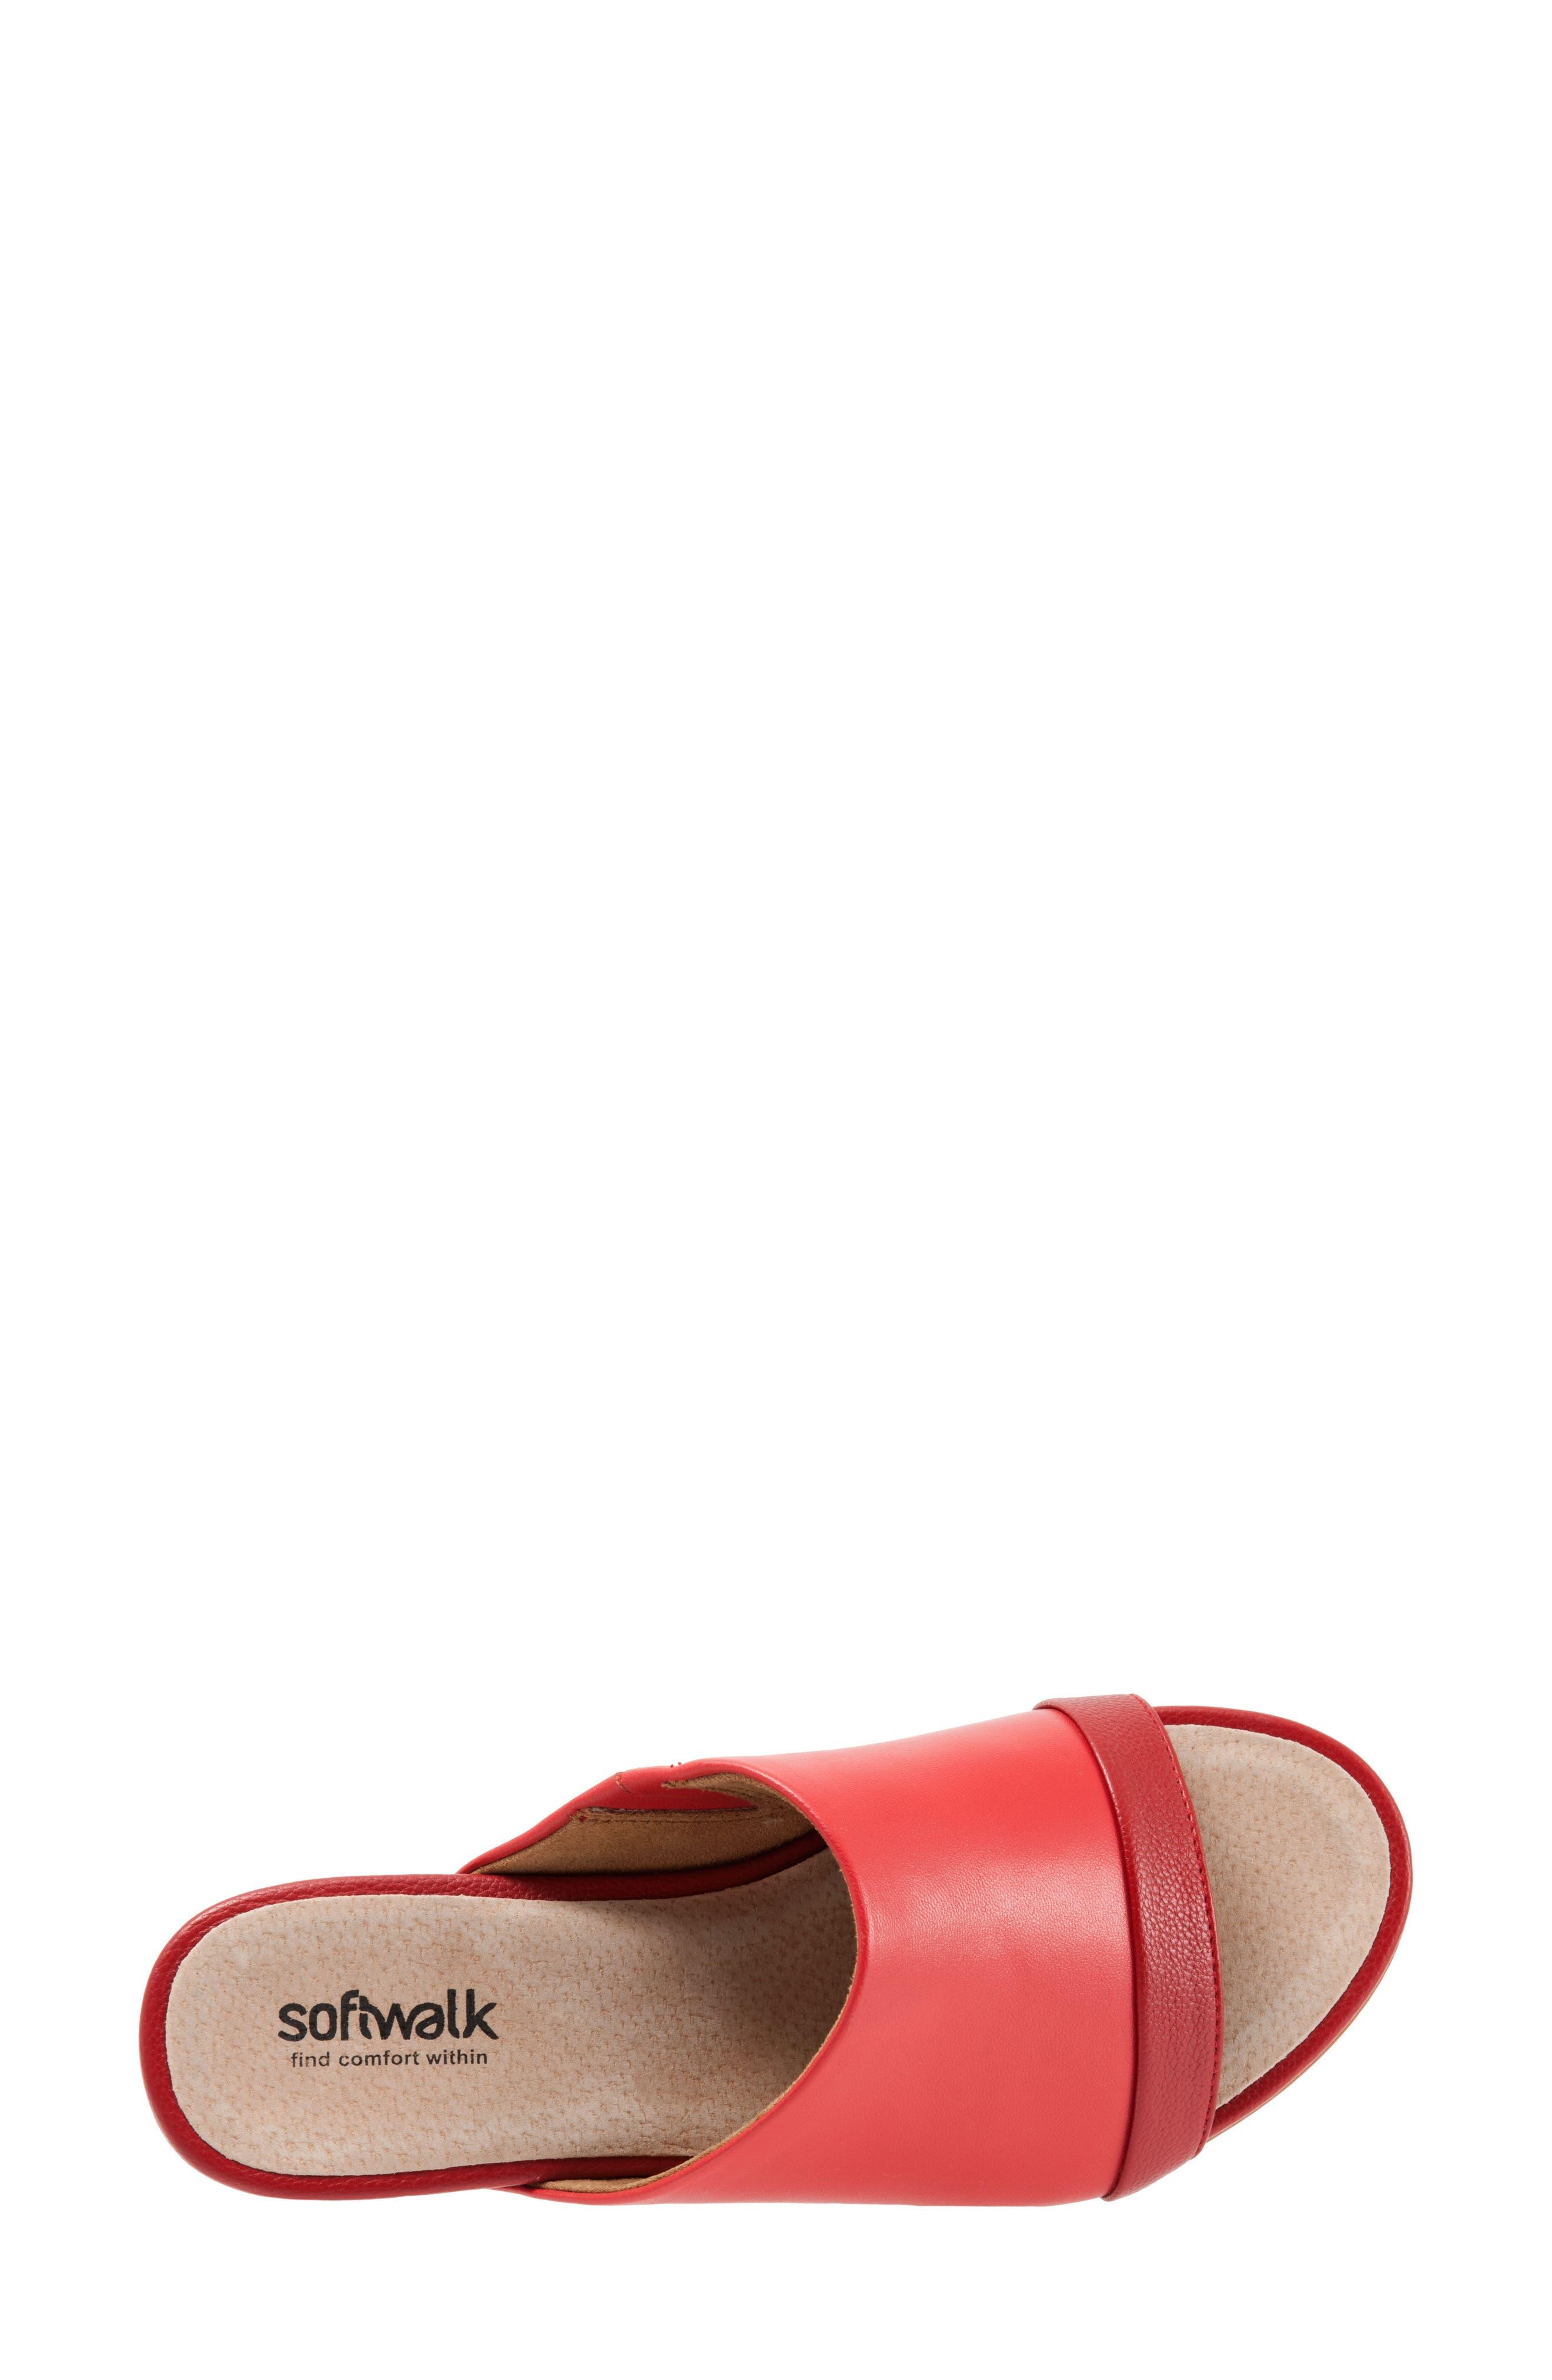 SOFTWALK<SUP>®</SUP>, Del Mar Slide Sandal, Alternate thumbnail 5, color, RED LEATHER